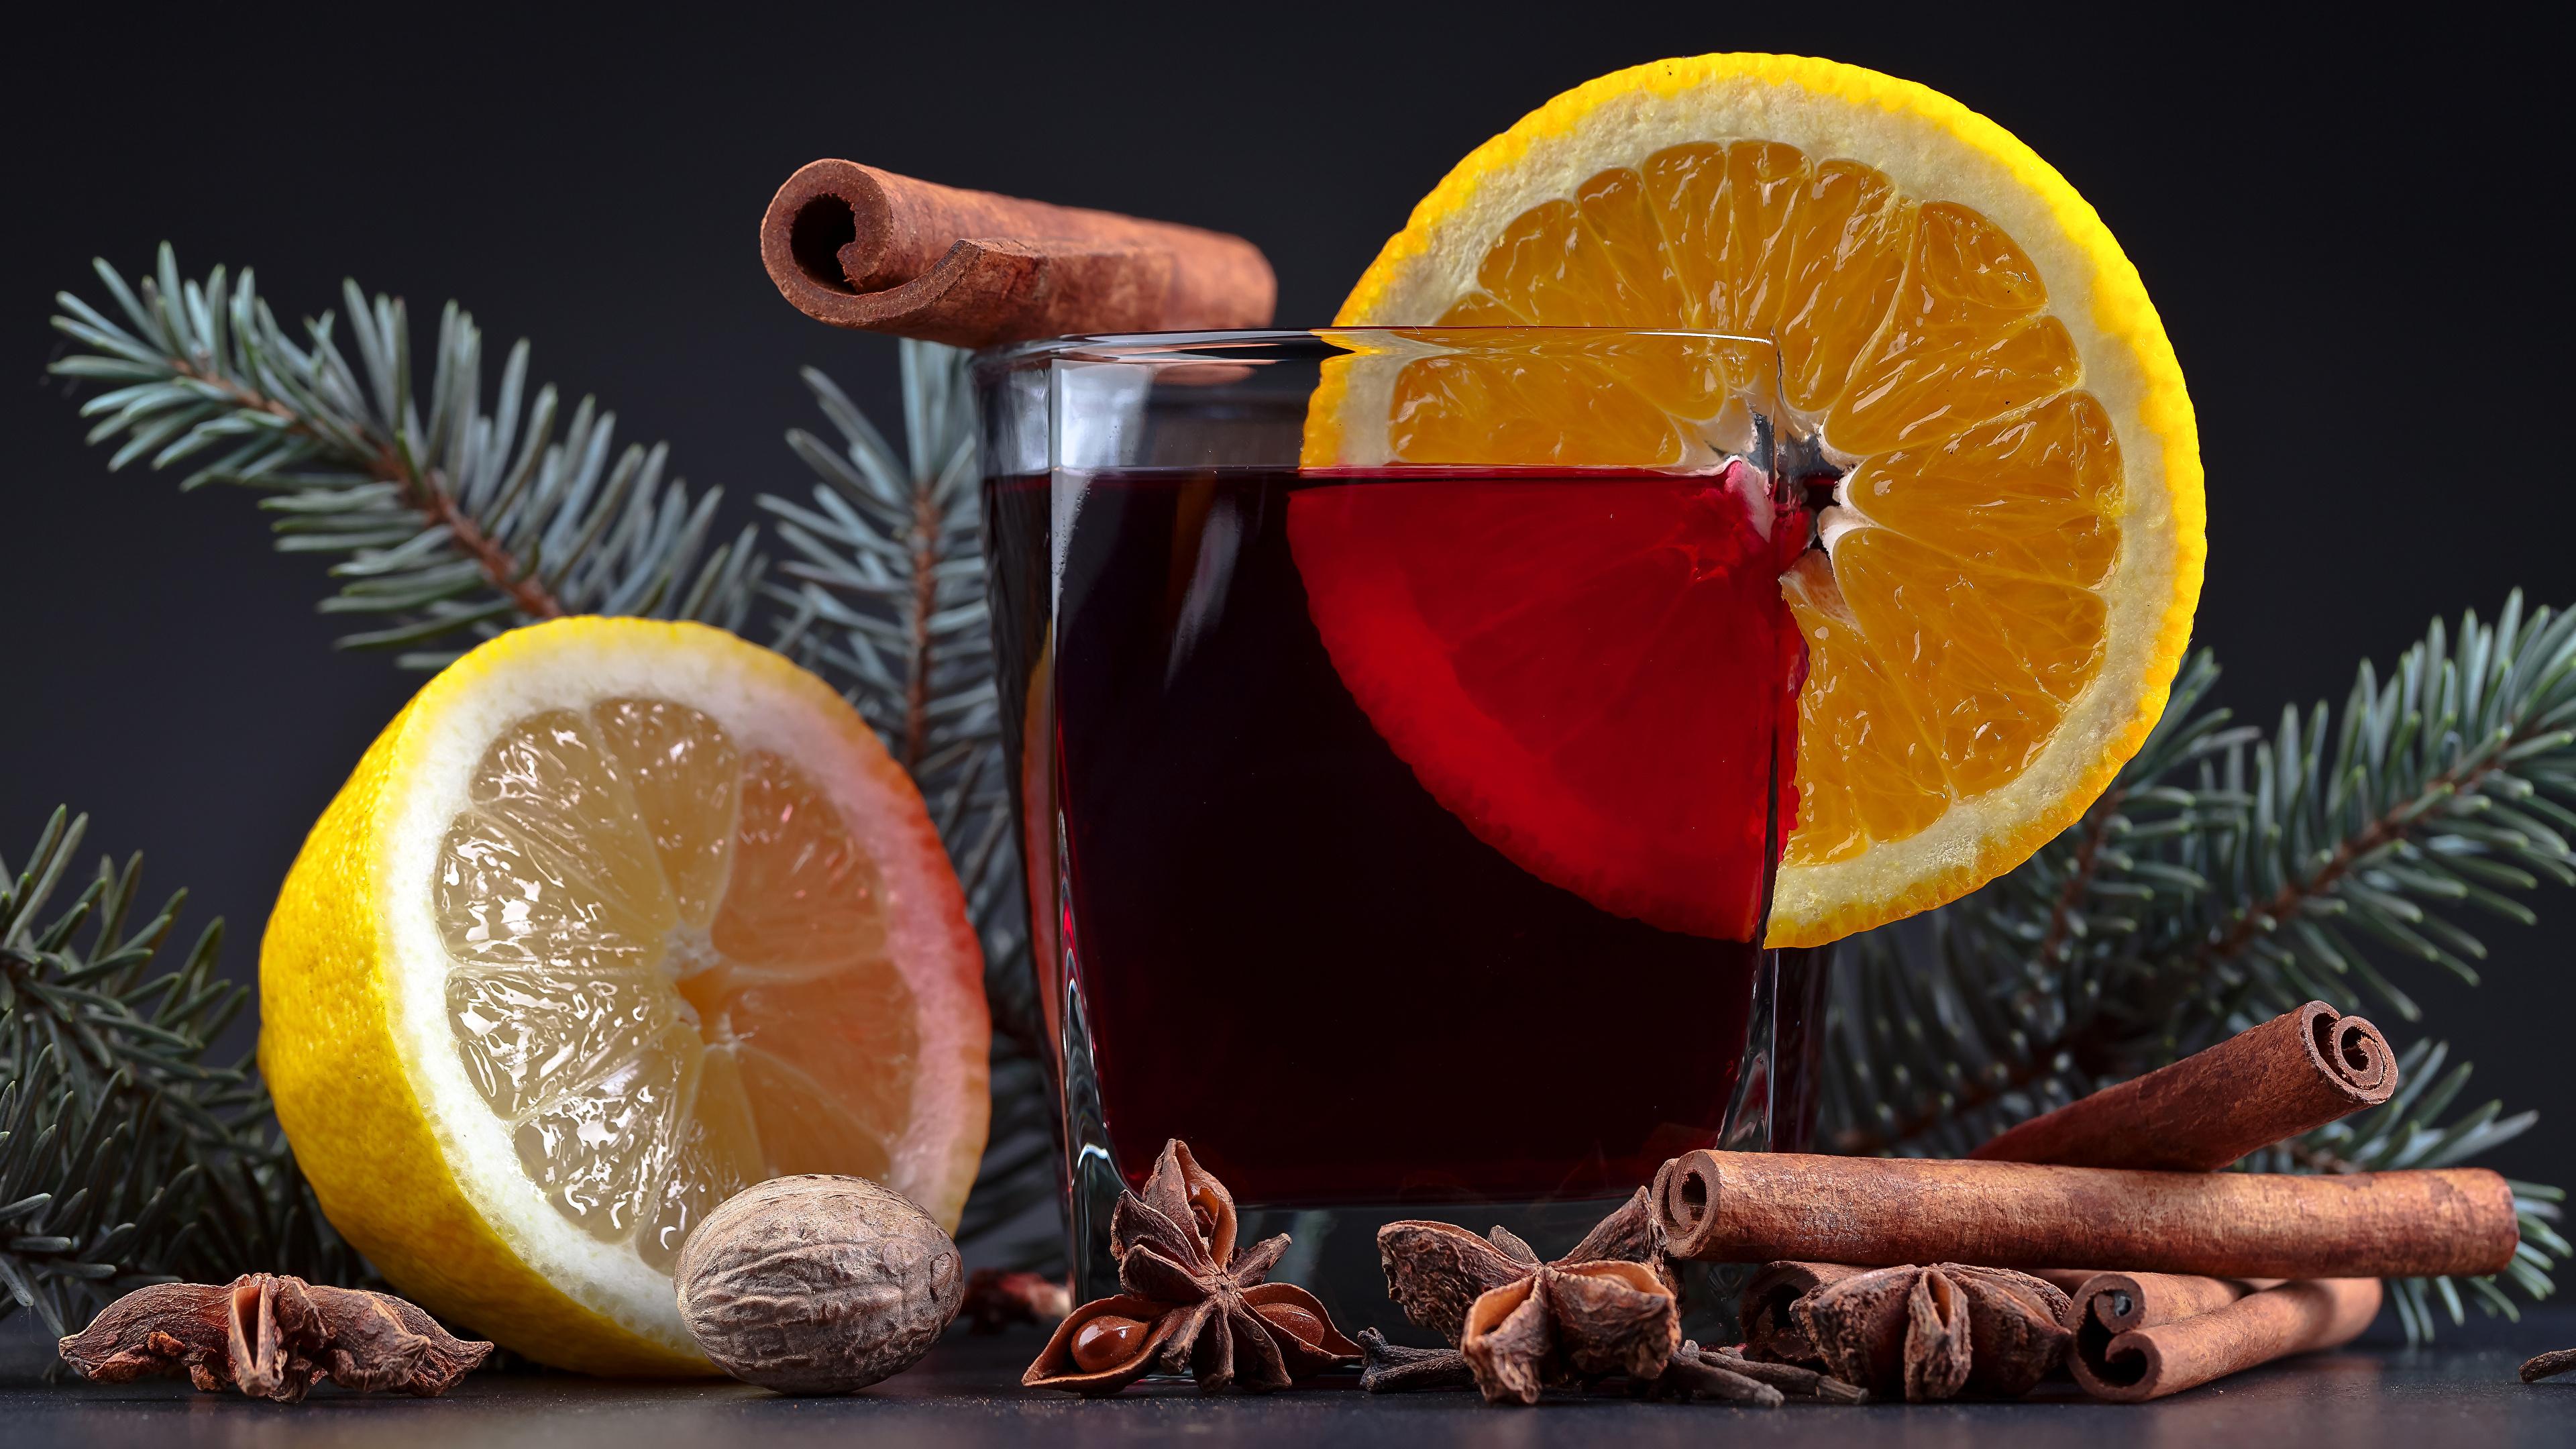 Фотография Новый год Лимоны Корица стакане Еда Напитки 3840x2160 Рождество Стакан стакана Пища Продукты питания напиток